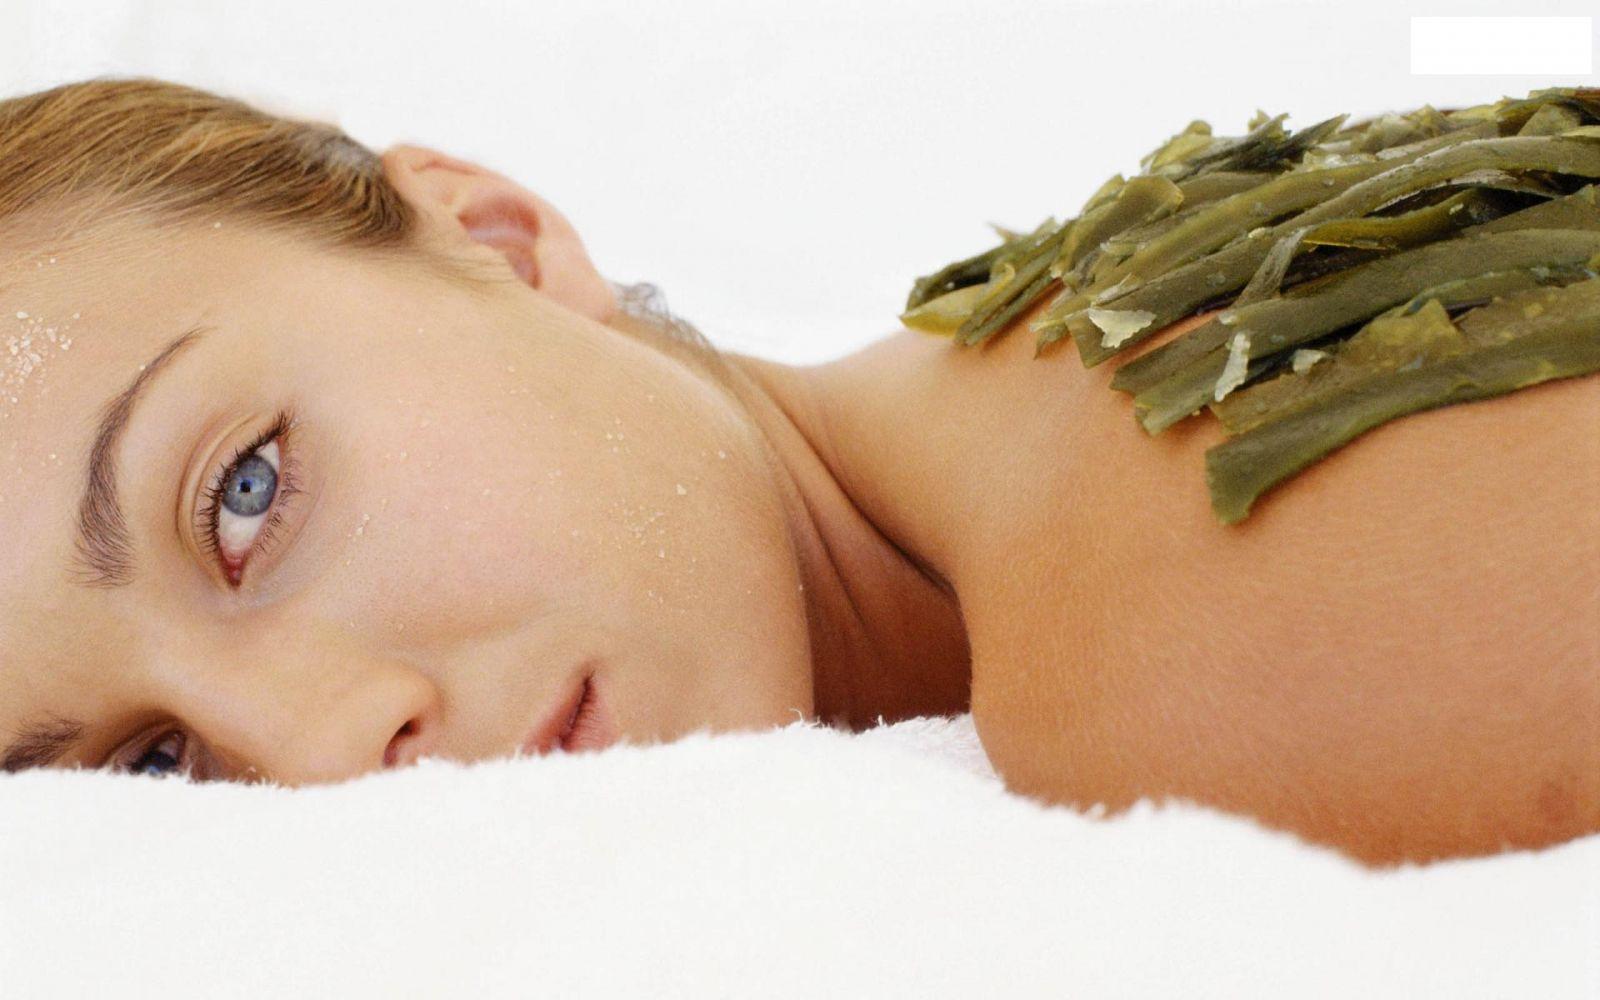 Как ухаживать за кожей груди - фото №2